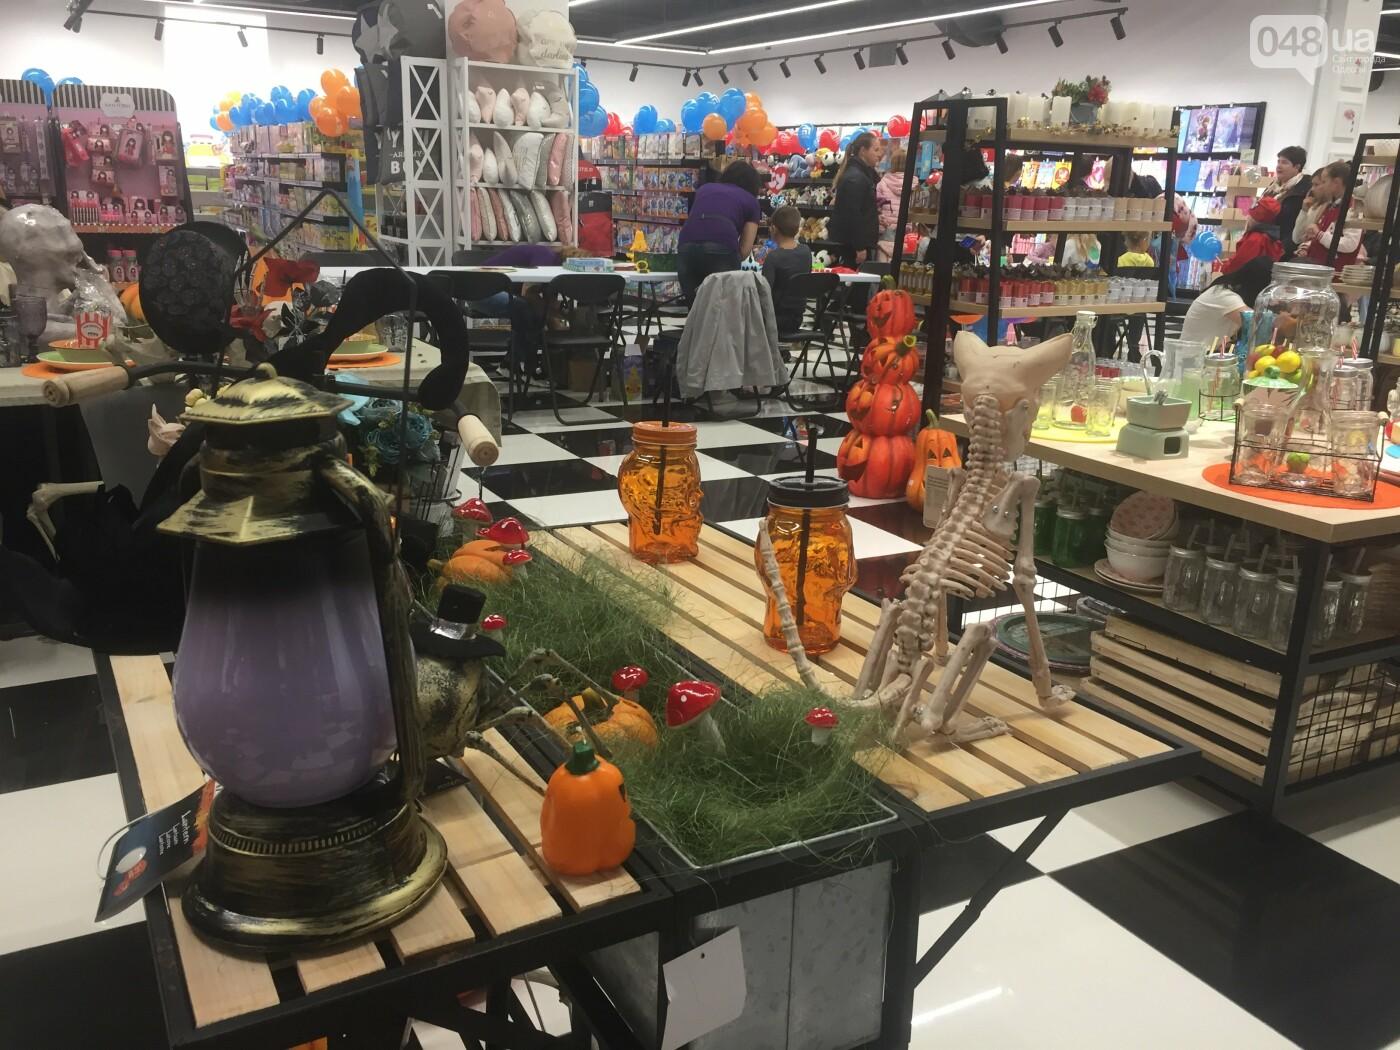 В Одессе состоялось открытие Creative Mall: уникальный формат супермаркета канцтоваров становится ближе , фото-22